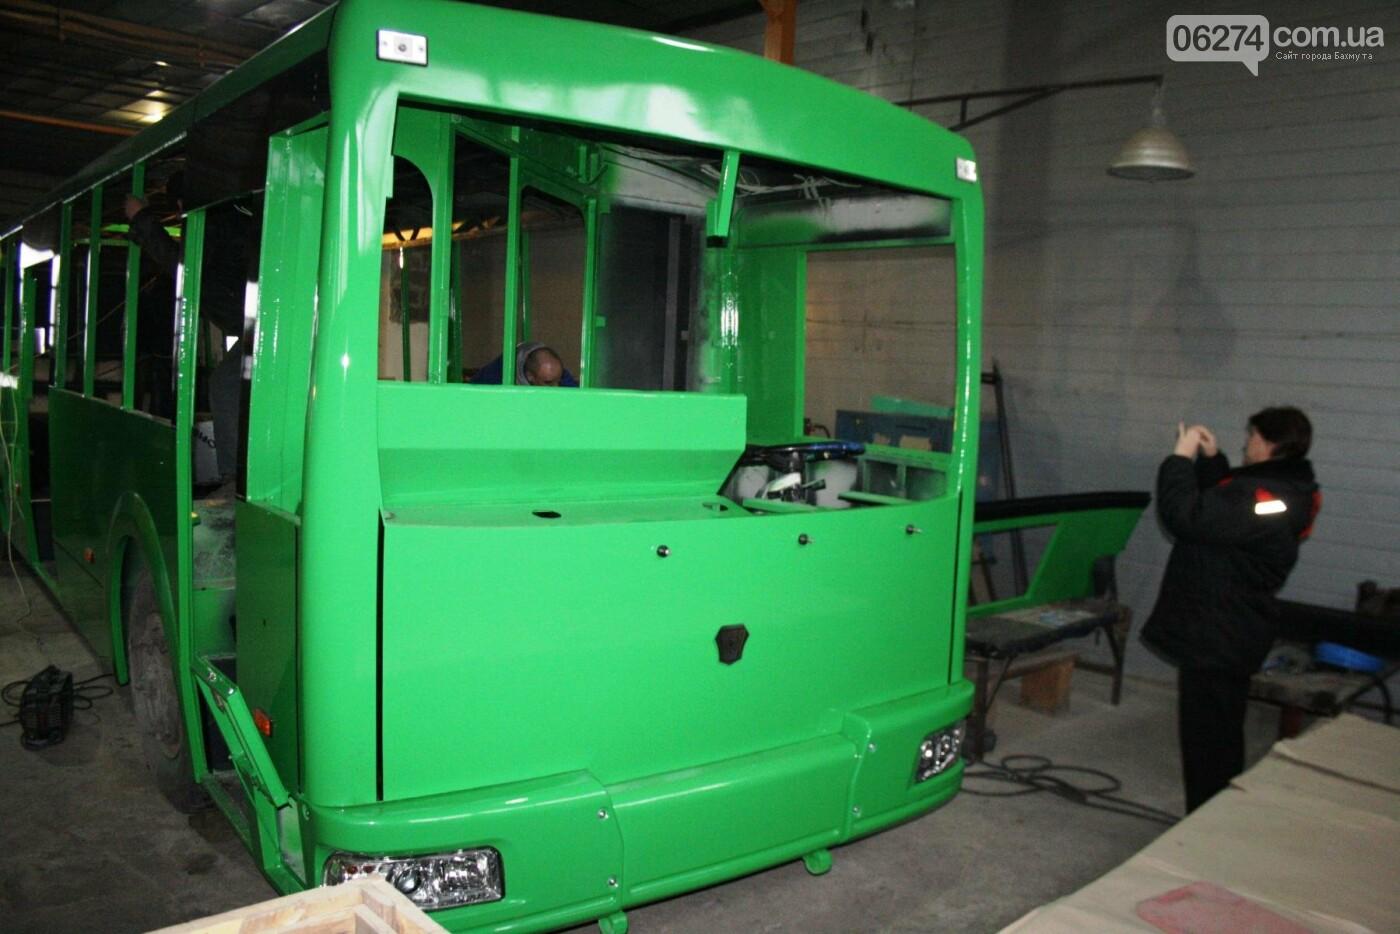 В Часовом Яре проходят работы по капитальному ремонту троллейбуса для Бахмута (ФОТО), фото-3